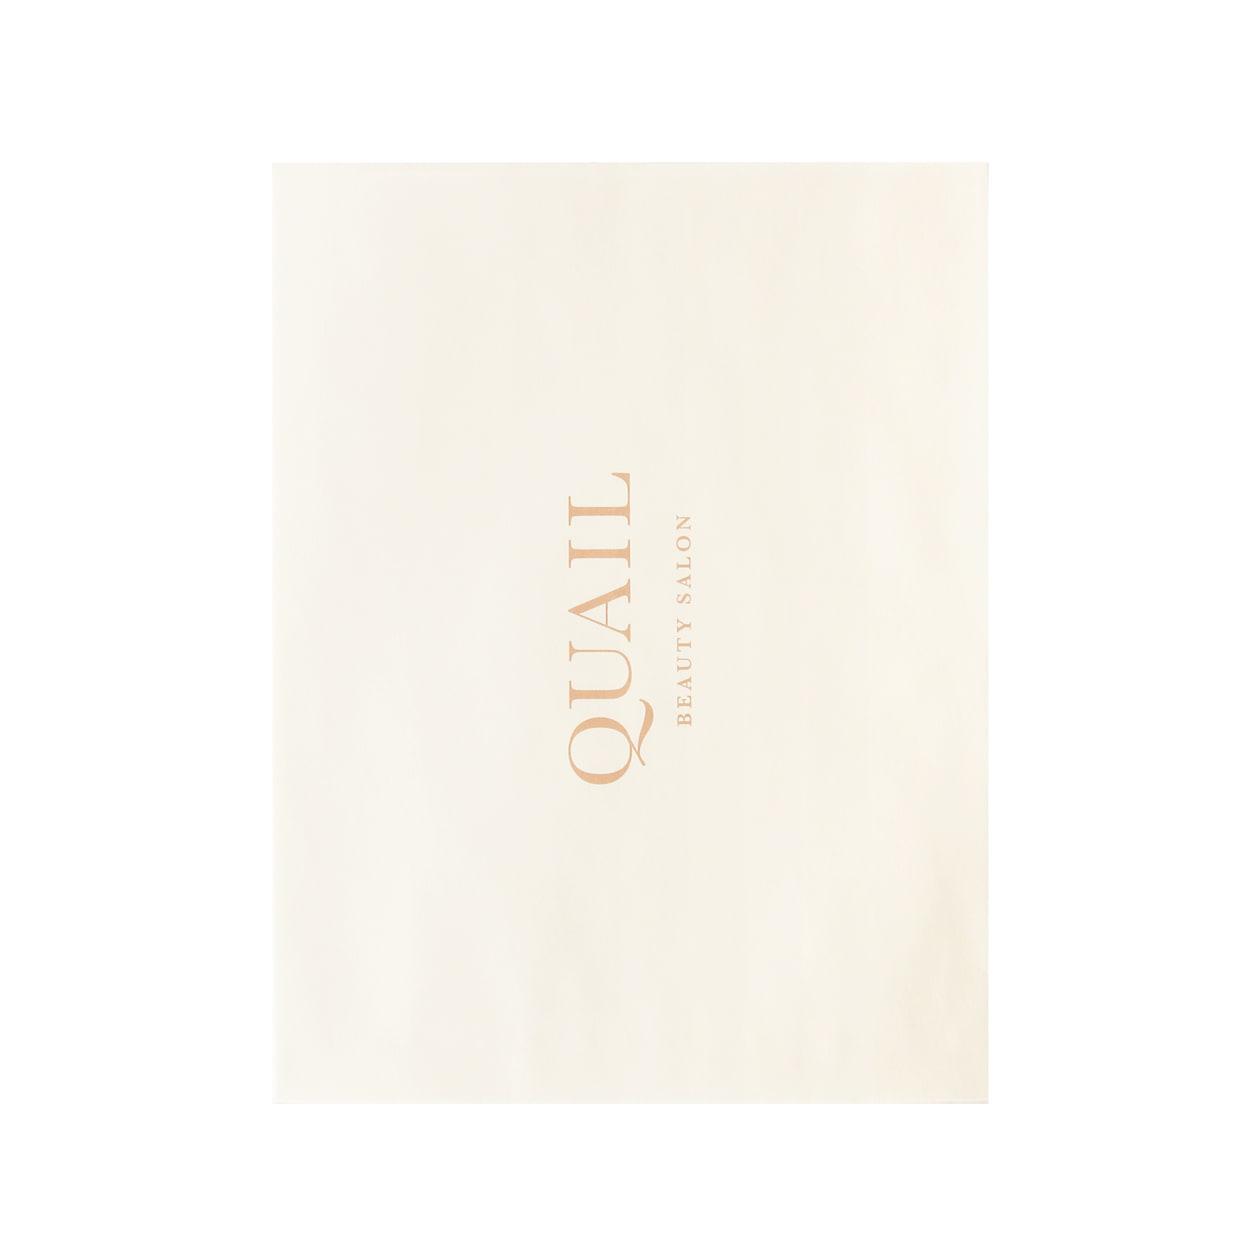 サンプル 封筒・袋 00156